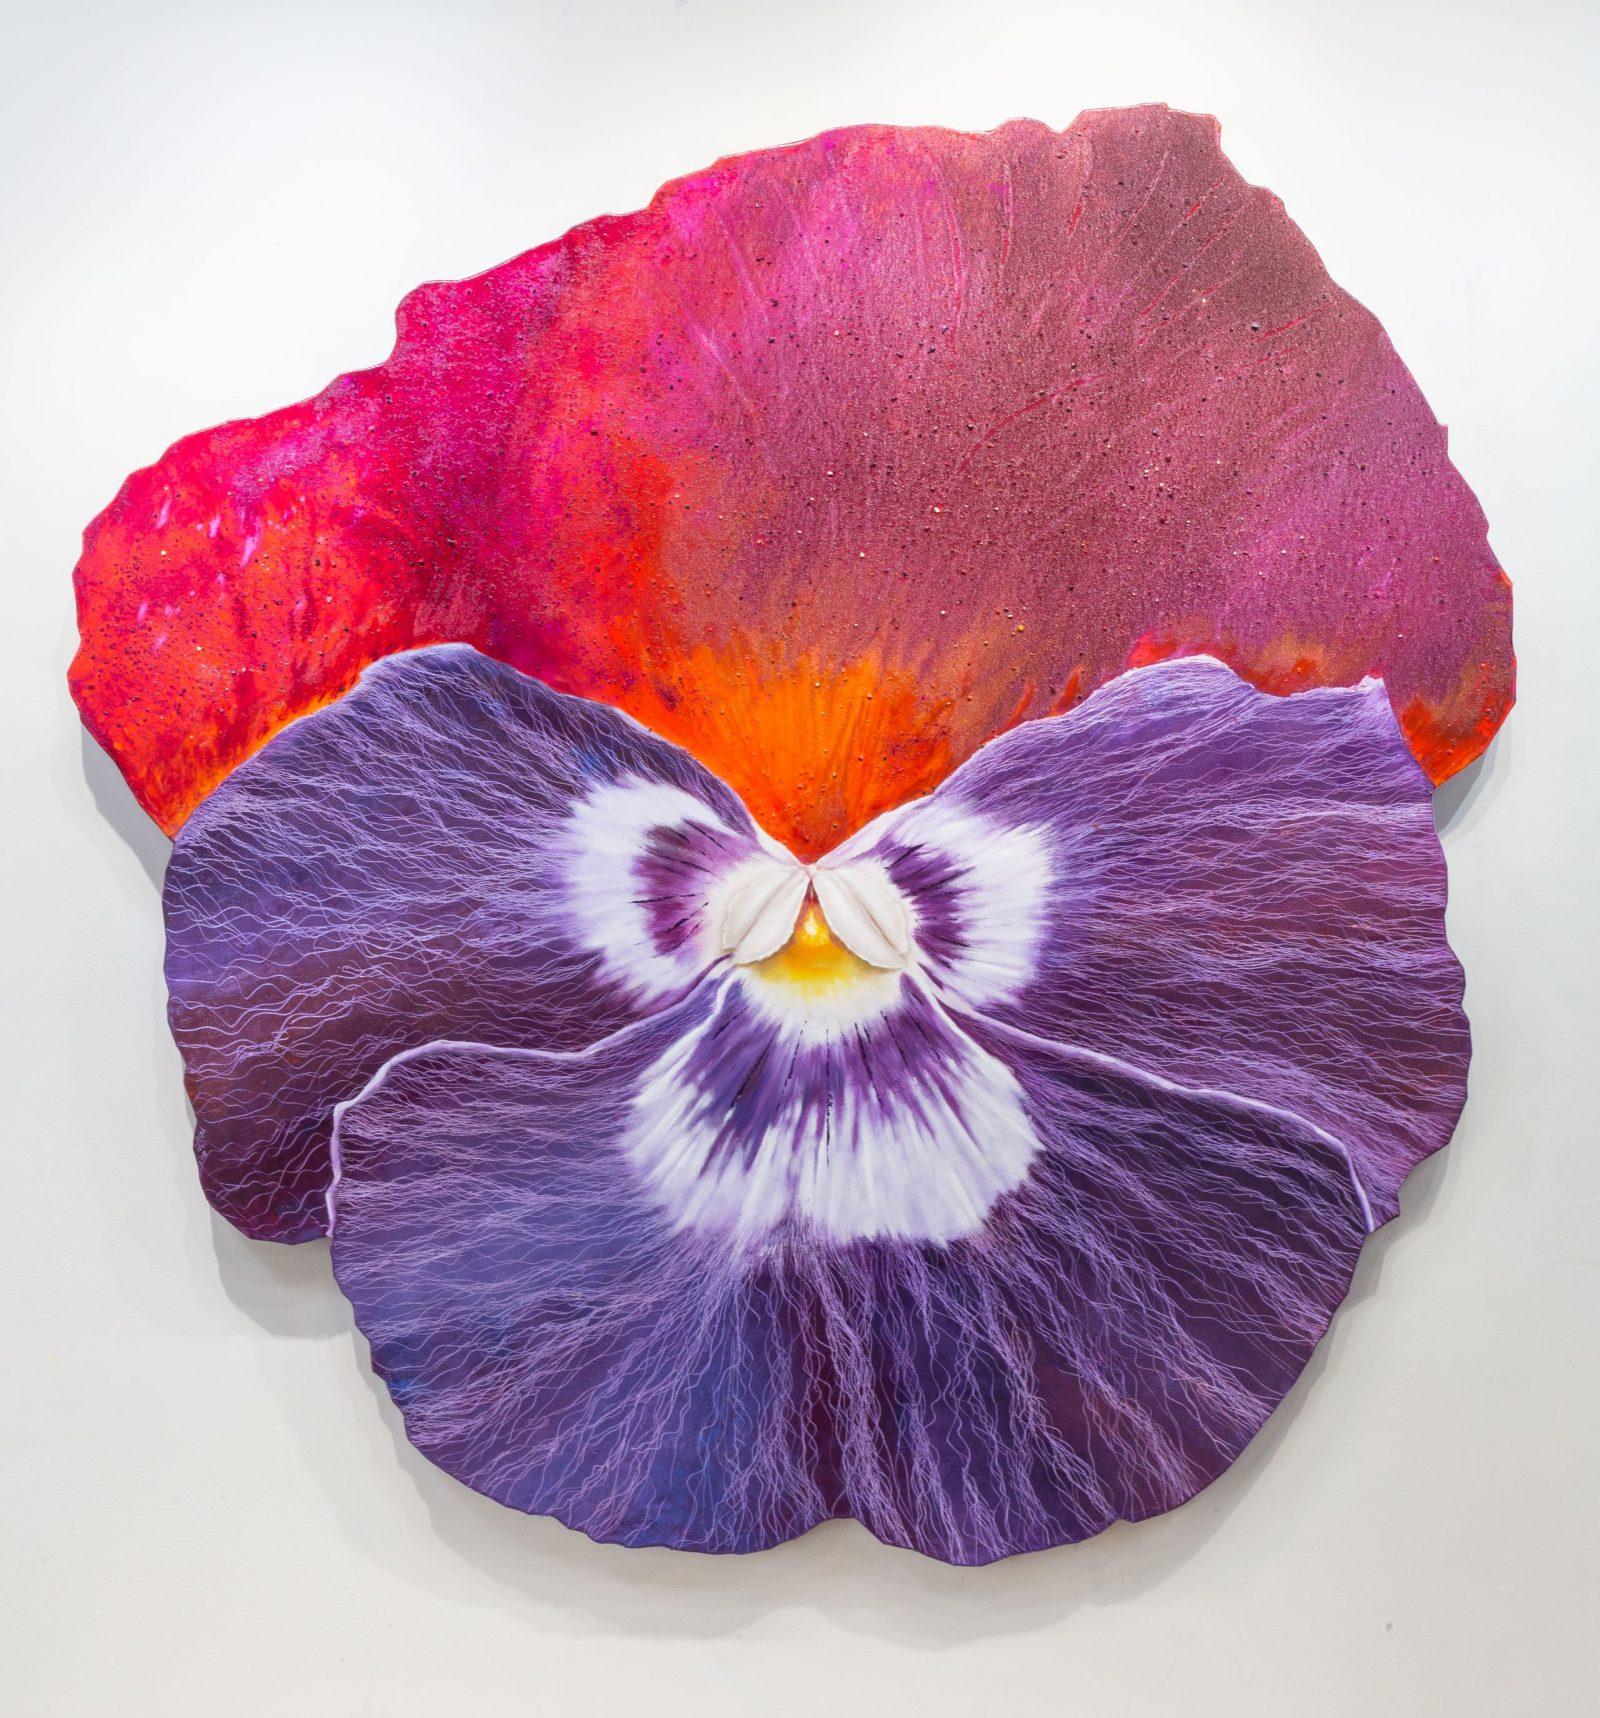 三色堇 I 嬌紅紫媚, Pansy I, 186 x 171 cm, oil on linen, 2014